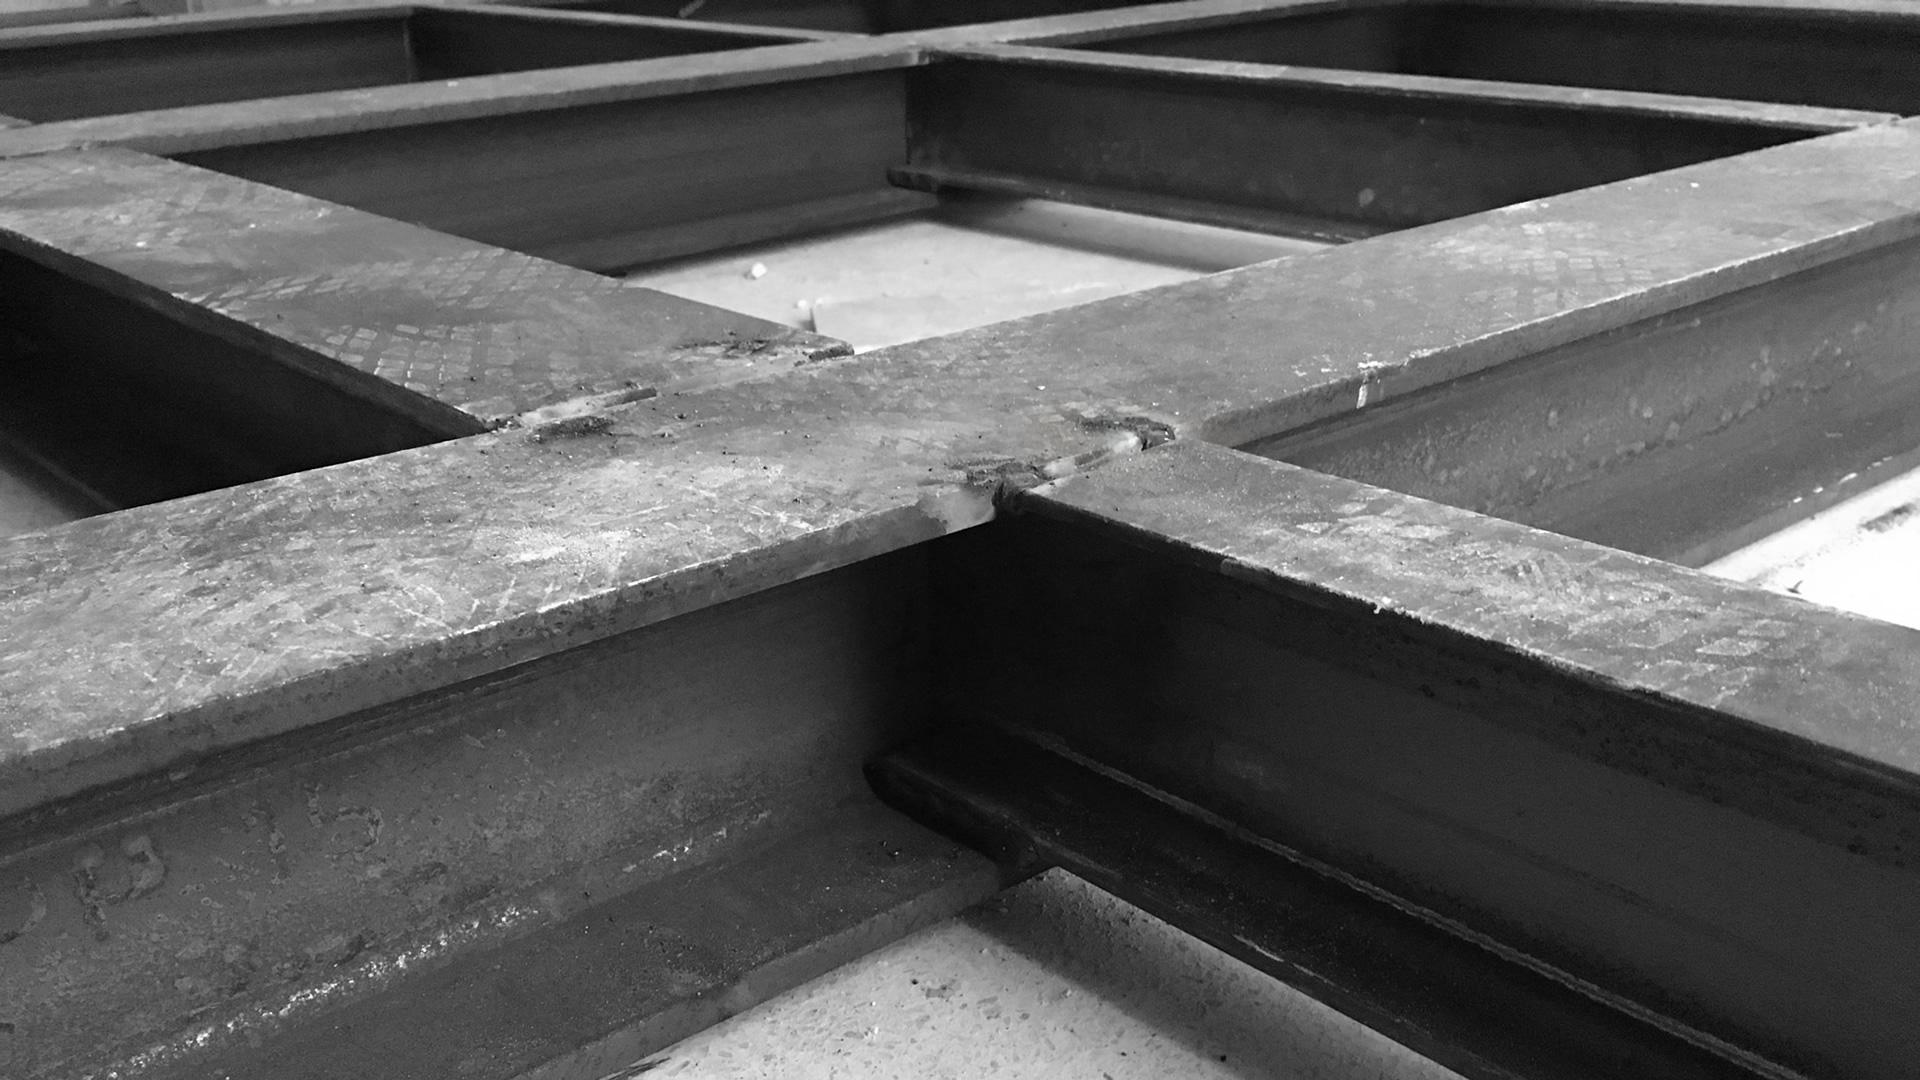 Progettazione Strutturale di Nuove Opere in Acciaio - GALATINA (LE) Italy